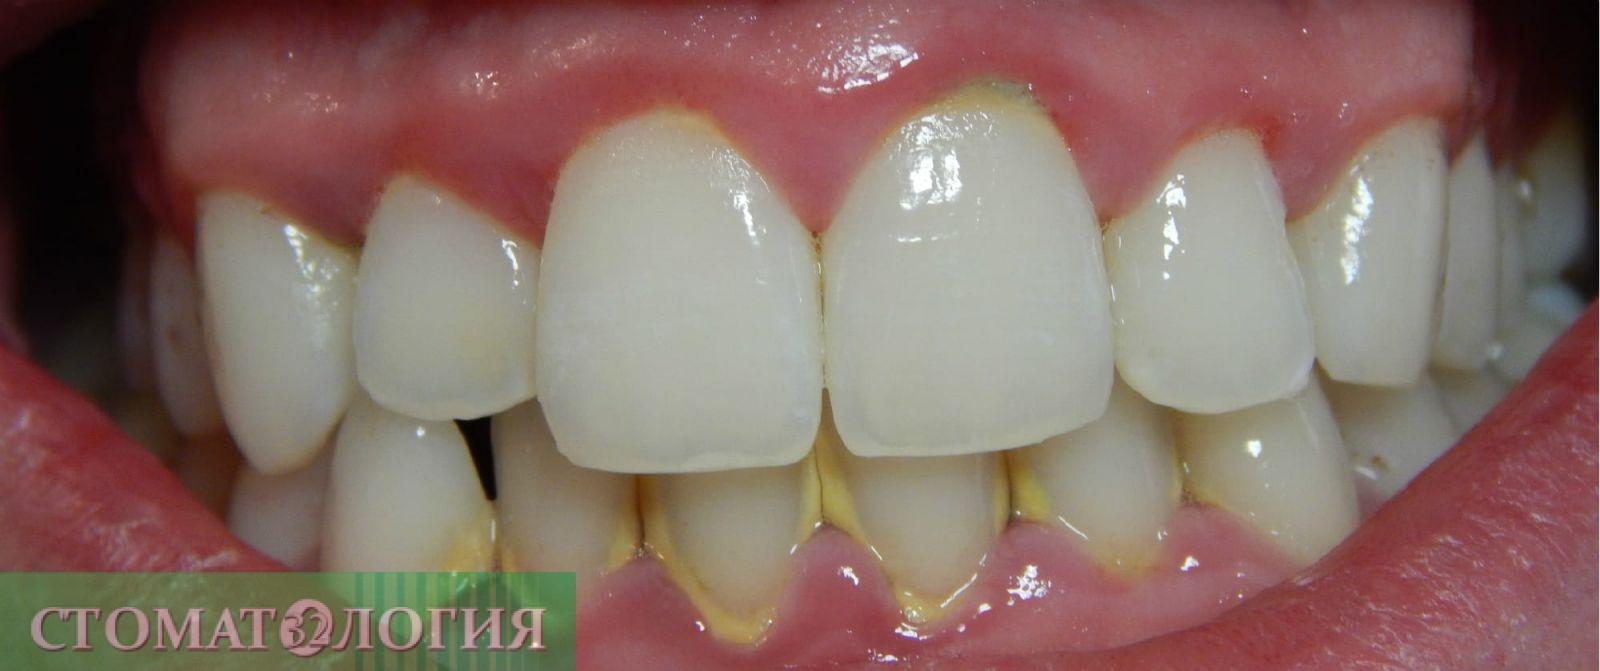 zubnoy nalet